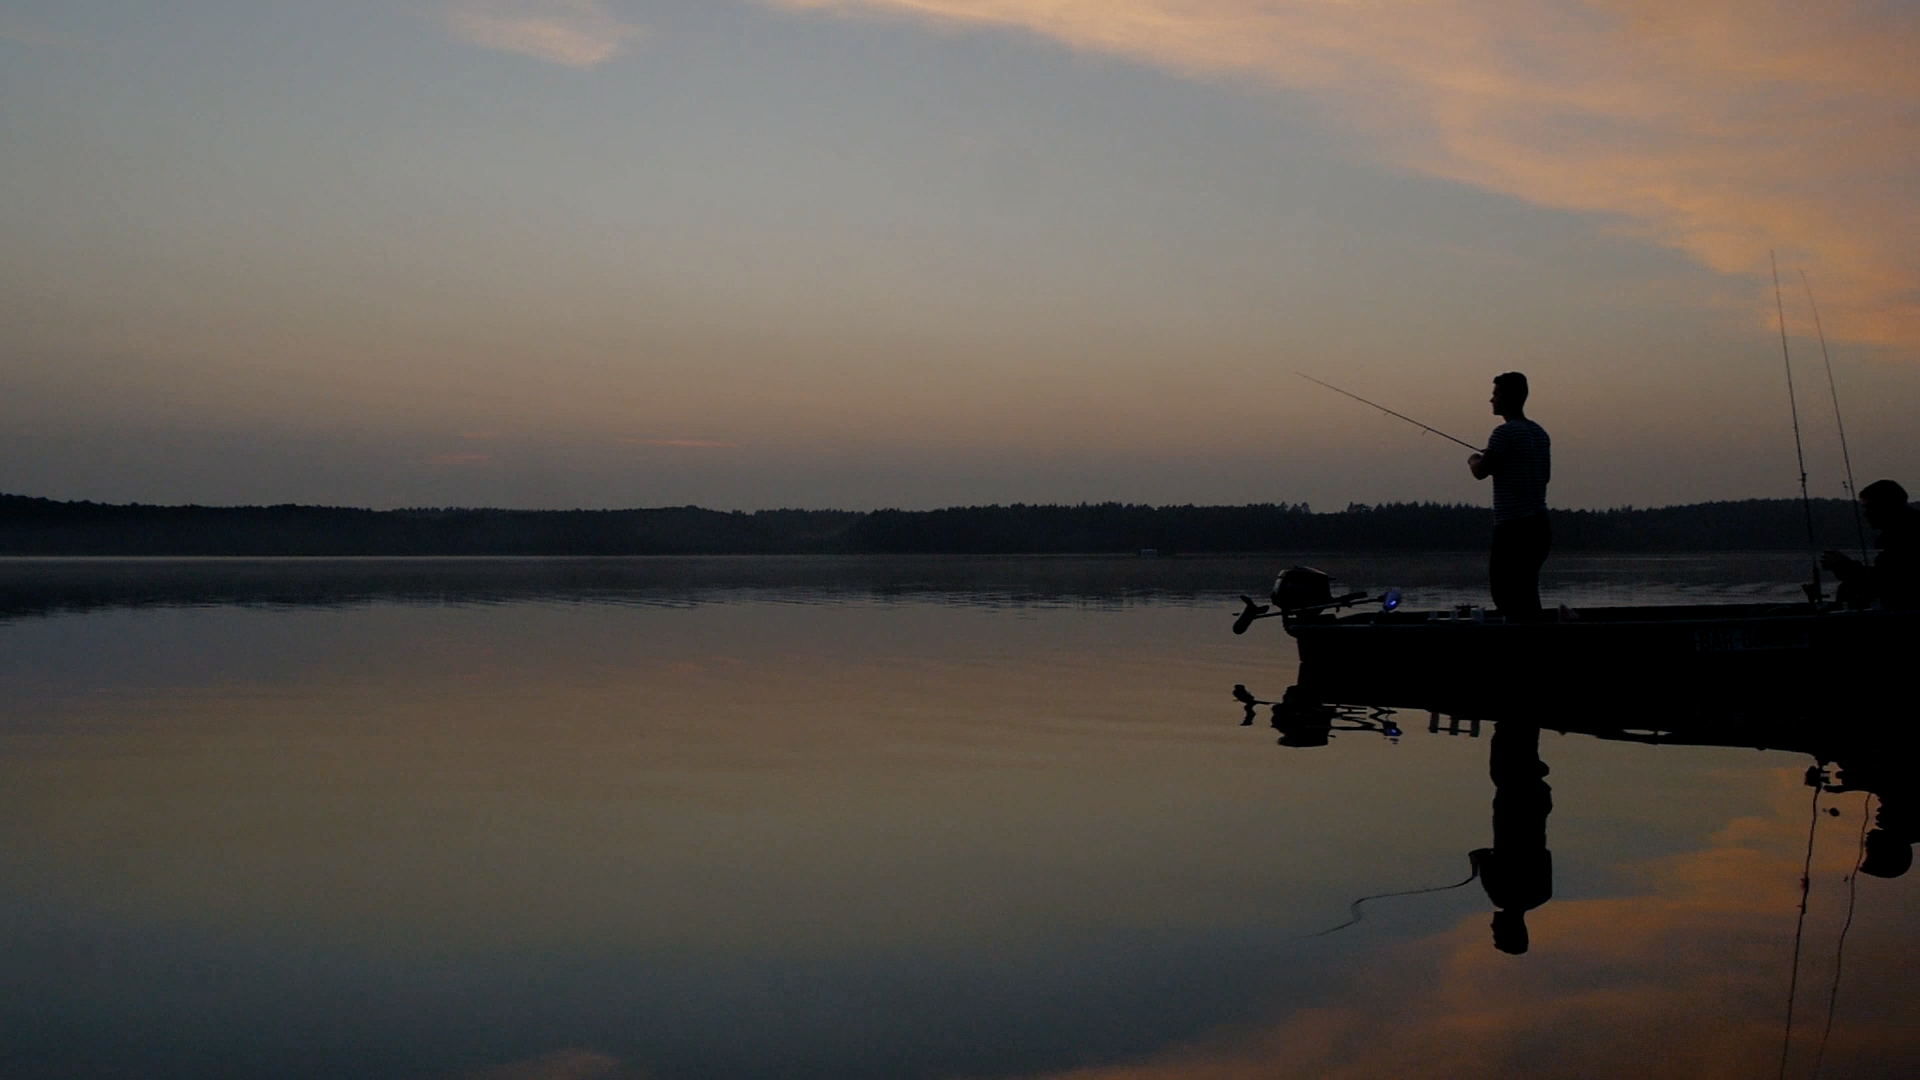 Die frühen Morgenstunden sind besonders im Sommer eine heiße Zeit zum Barschangeln. Foto: Fischköppe